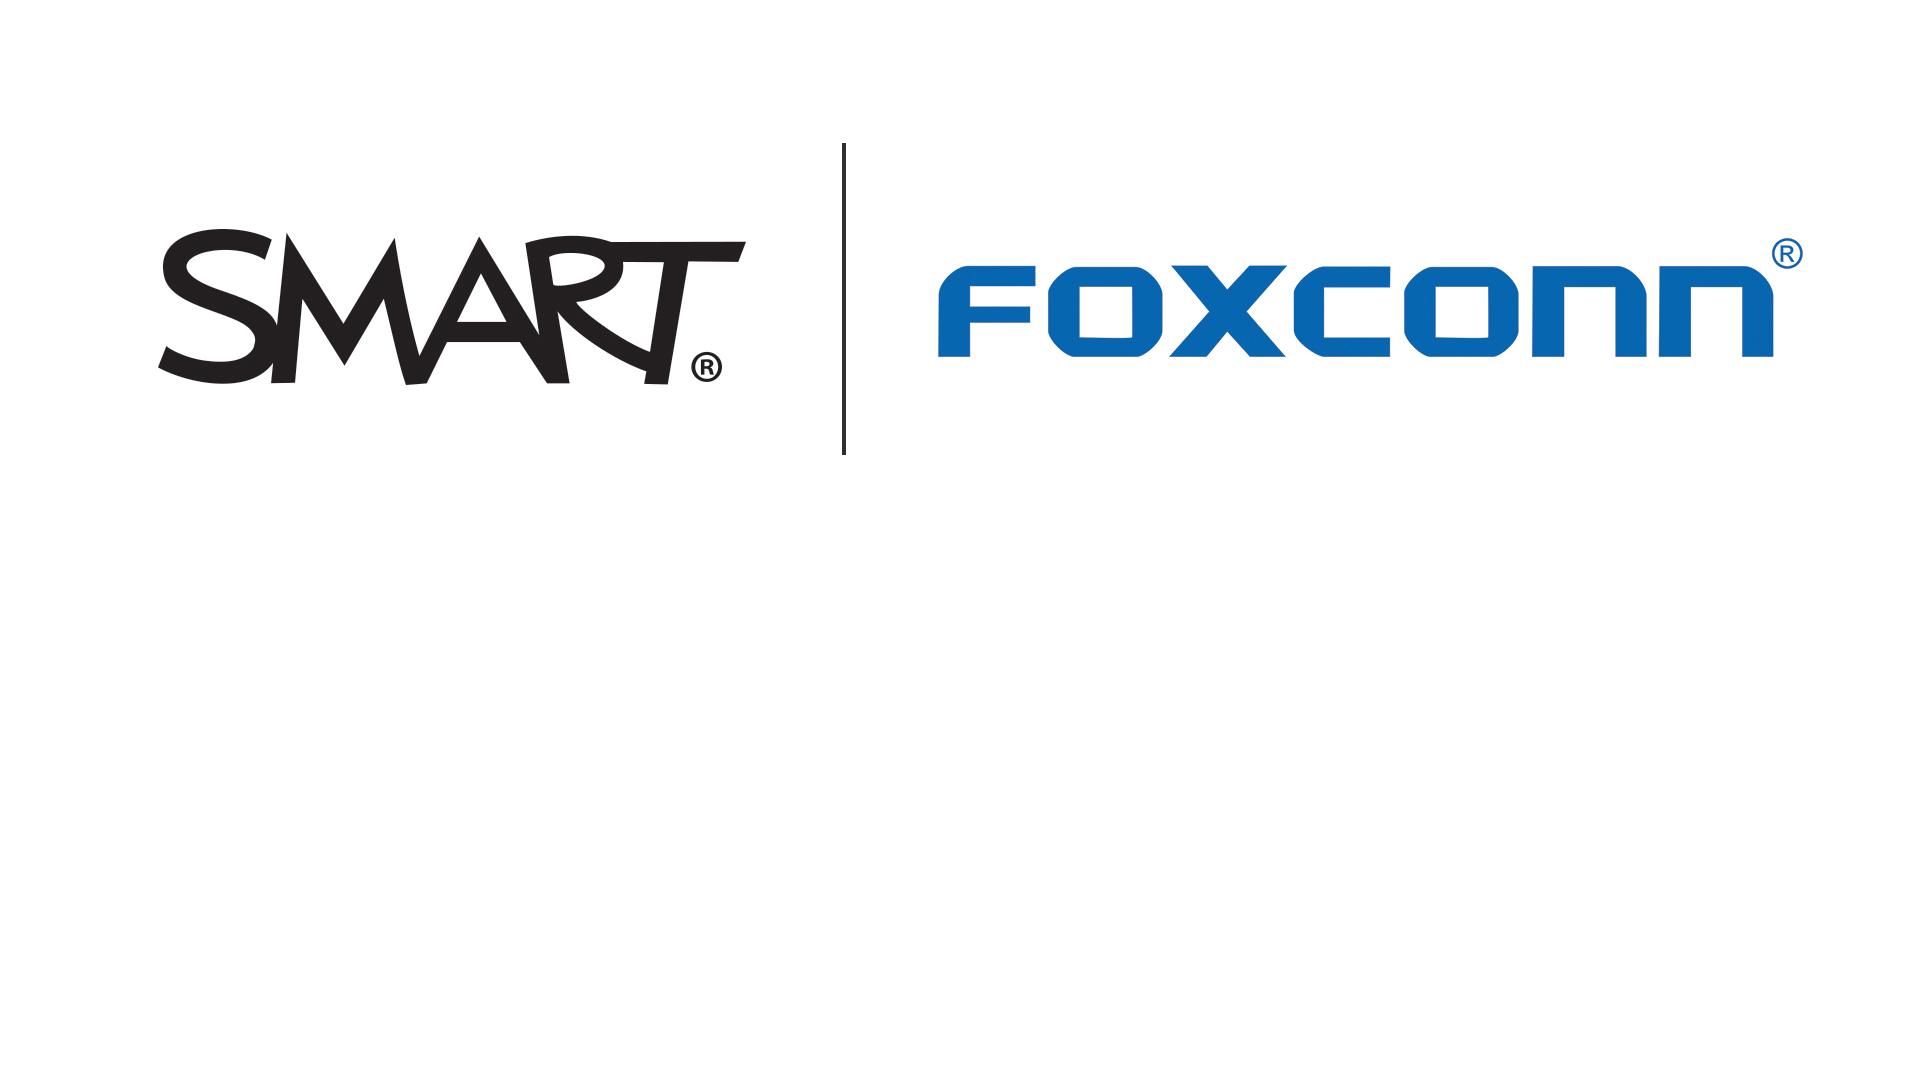 SMART_Foxconn.jpg